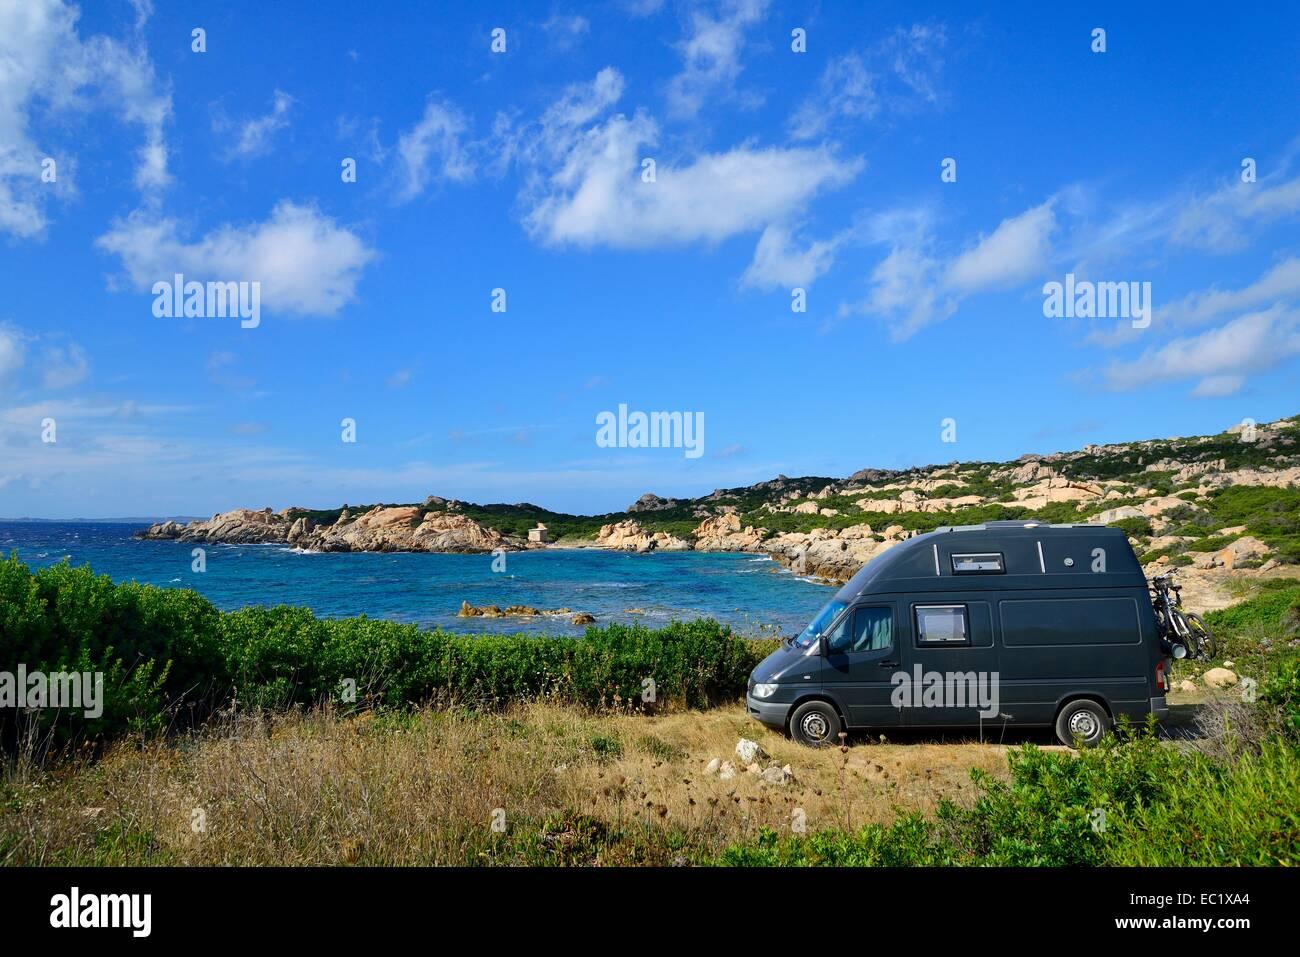 Camper on a bay, Caprera, Isola Maddalena, National Park La Maddalena archipelago, Sardinia, Italy - Stock Image